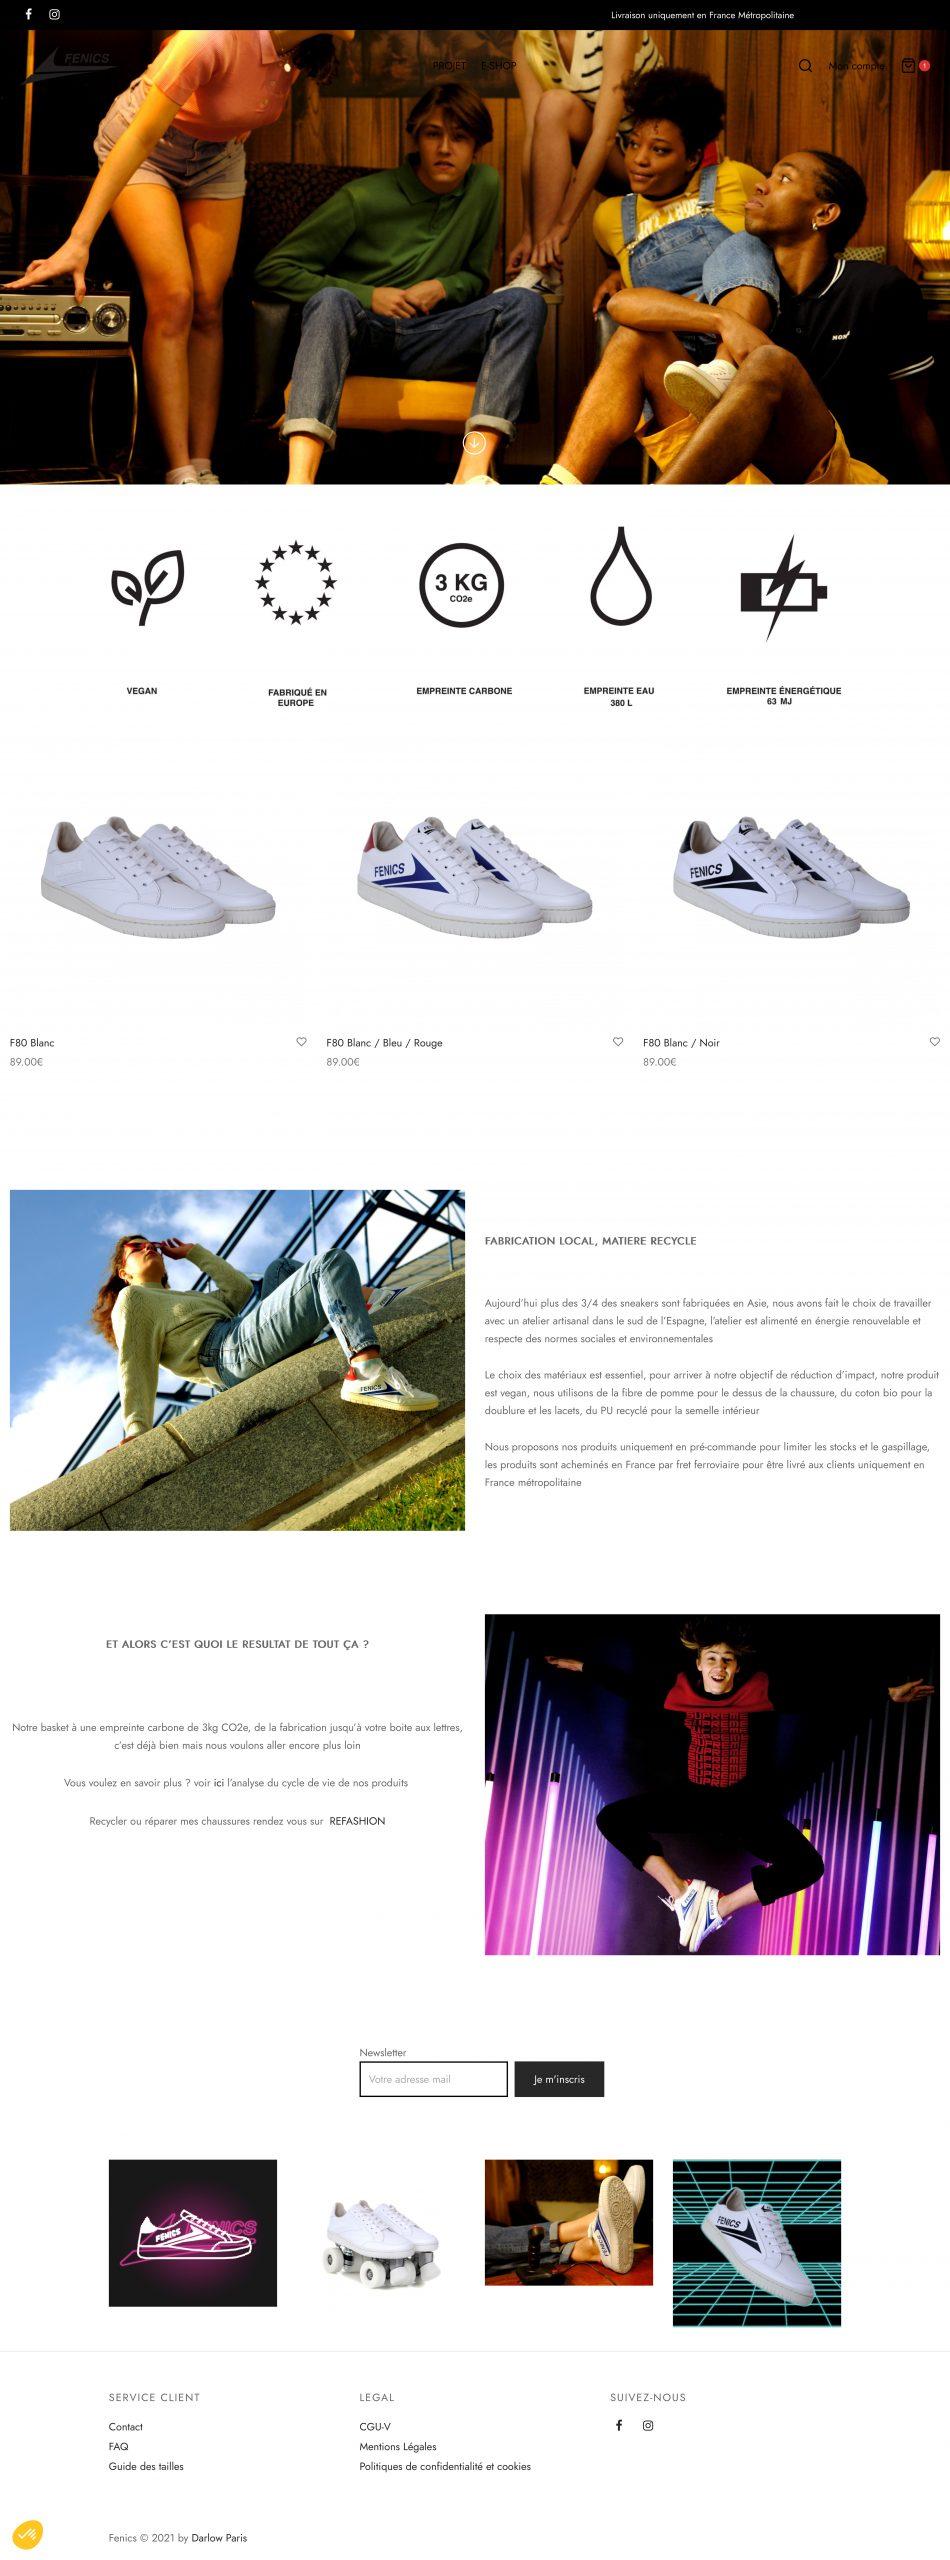 Fenics Shoes